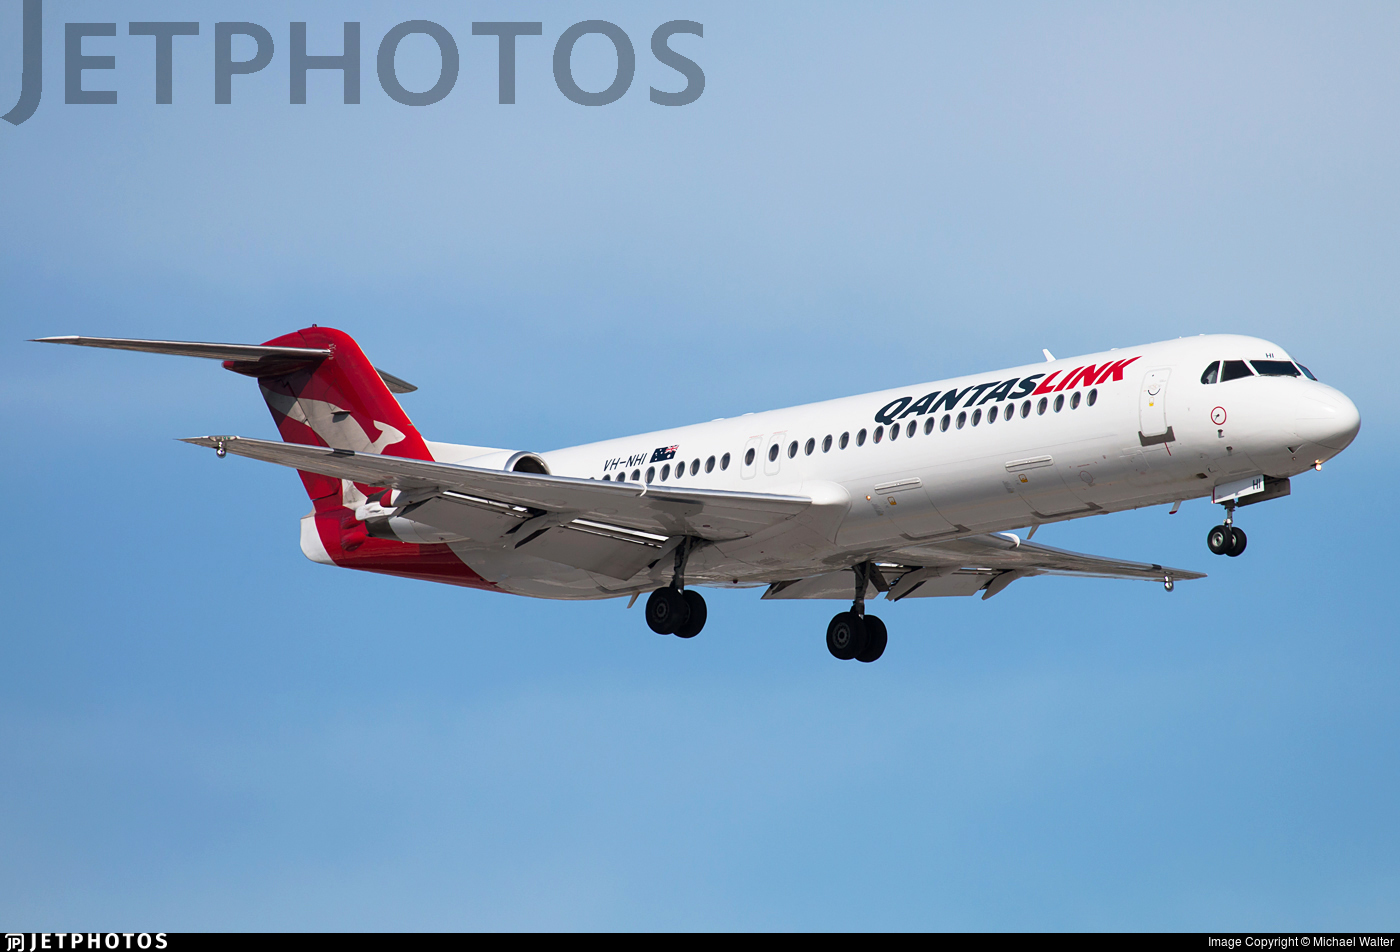 VH-NHI - Fokker 100 - QantasLink (Network Aviation)